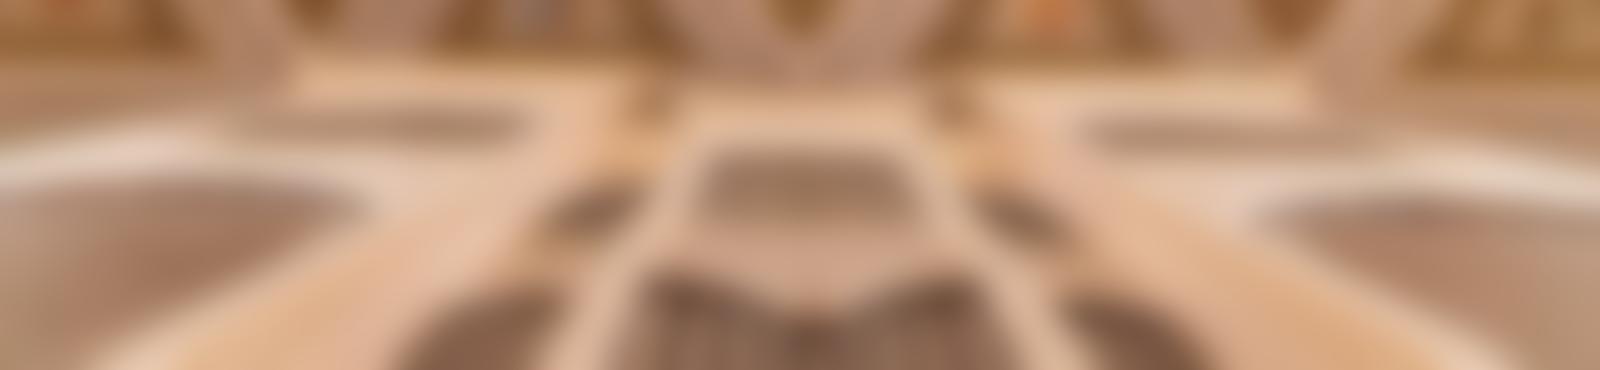 Blurred 937a8d5c bd63 48ca 96a5 32e3d70a5a6d